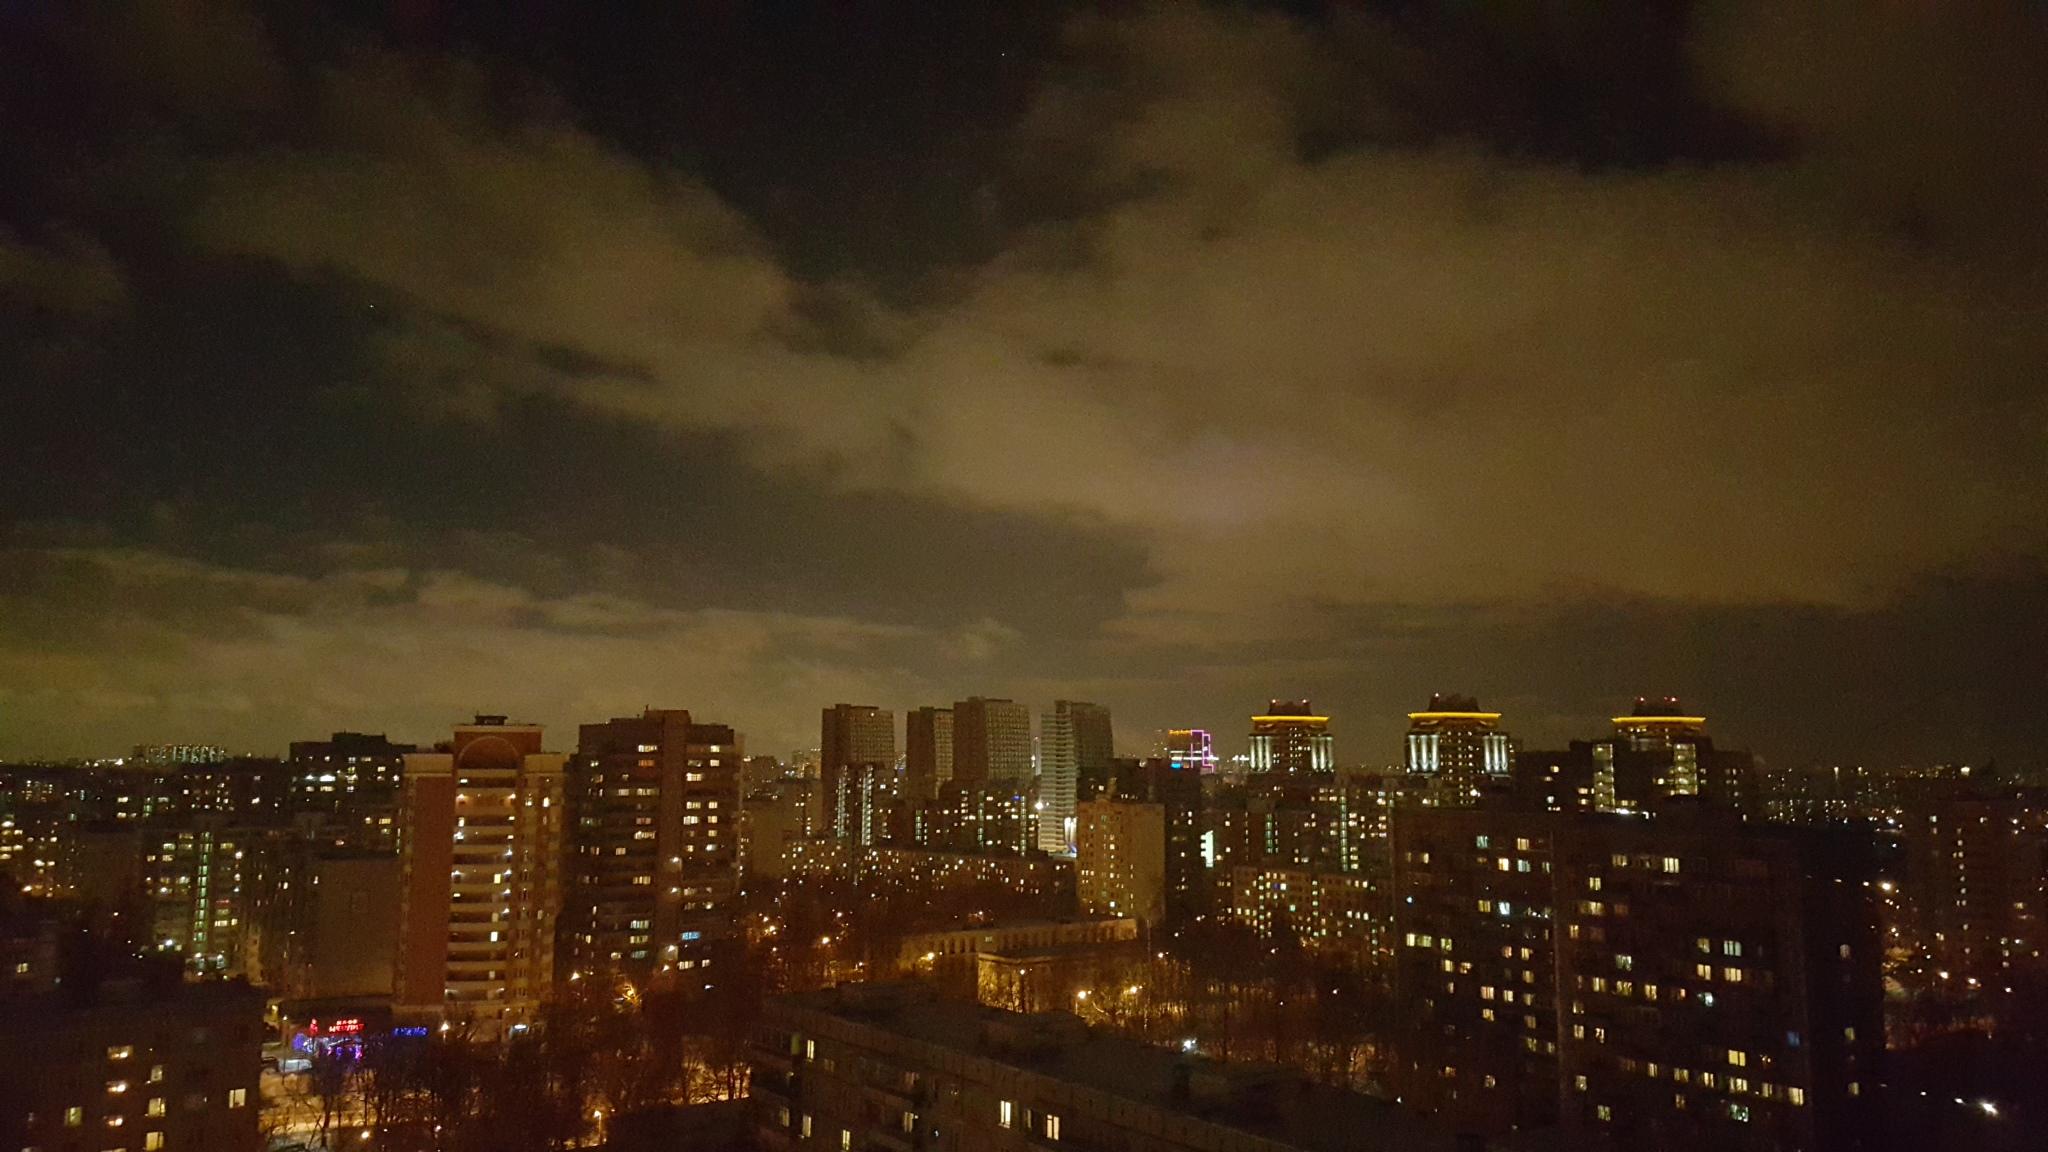 «Житие мое»: отвечаем на частые вопросы от жильцов МКД управляющая компания ТСЖ суд МКД ЖСК видеонаблюдение